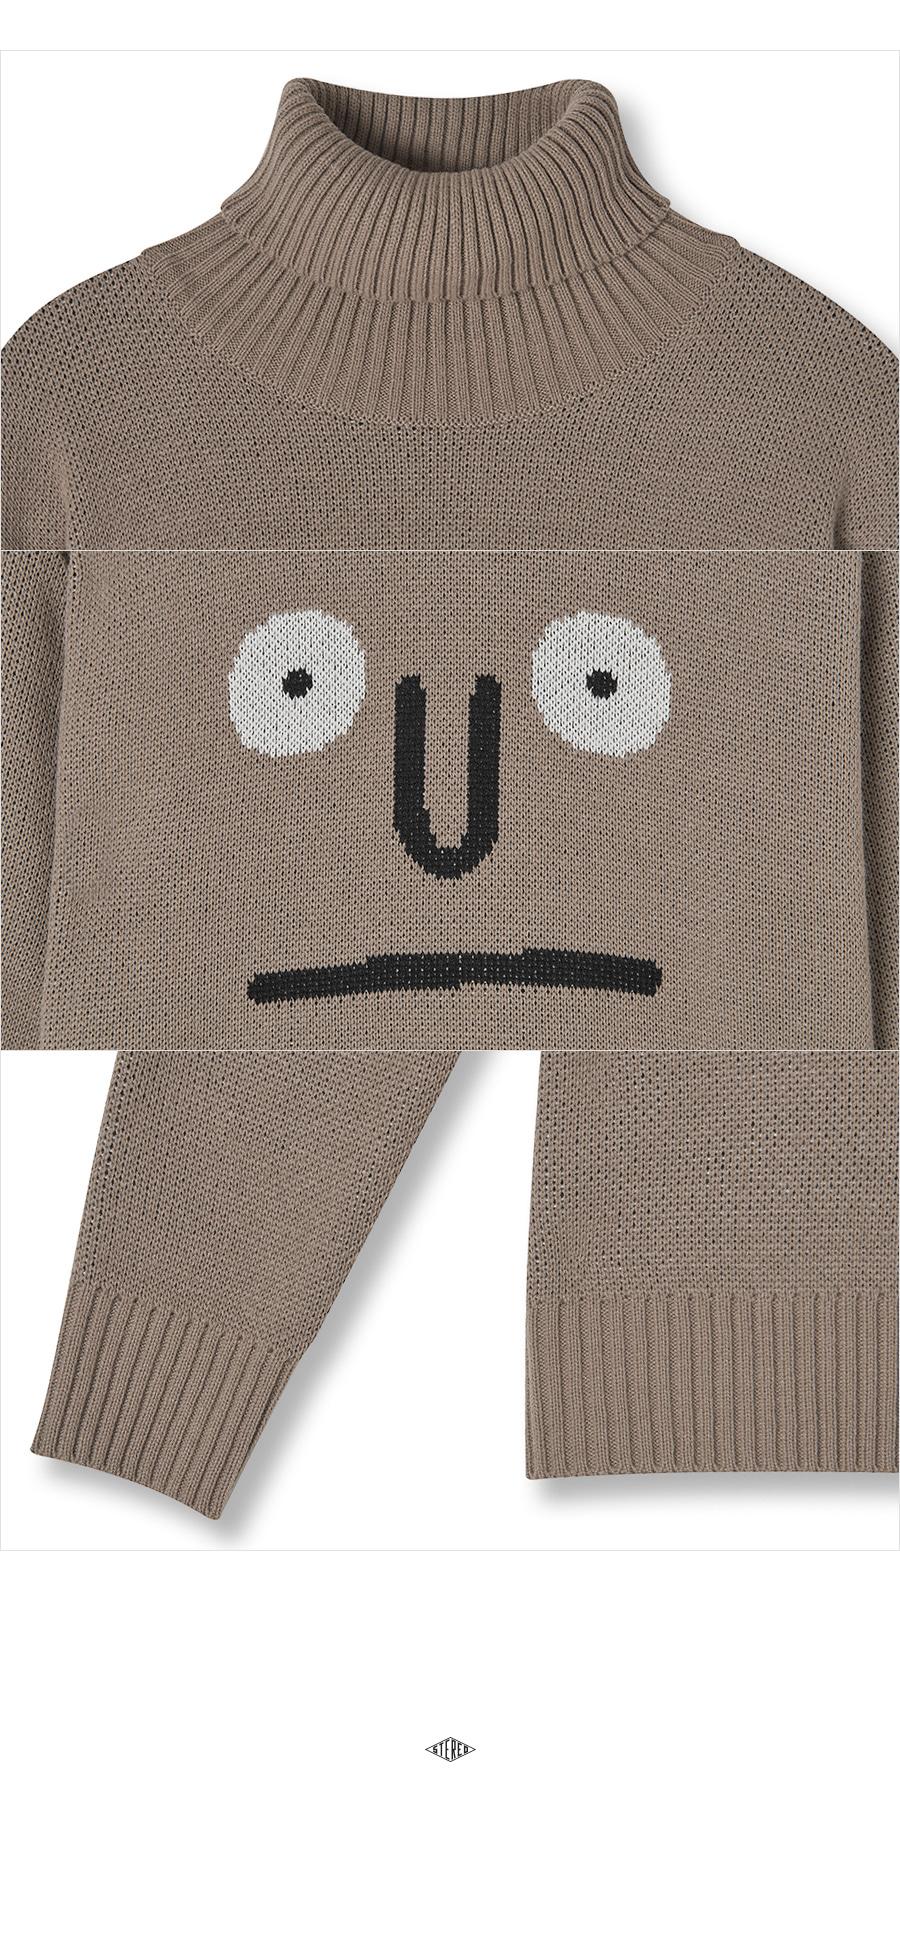 스테레오 바이널즈(STEREO VINYLS) [AW17 NOUNOU] Turtleneck Knit(Dark Beige)